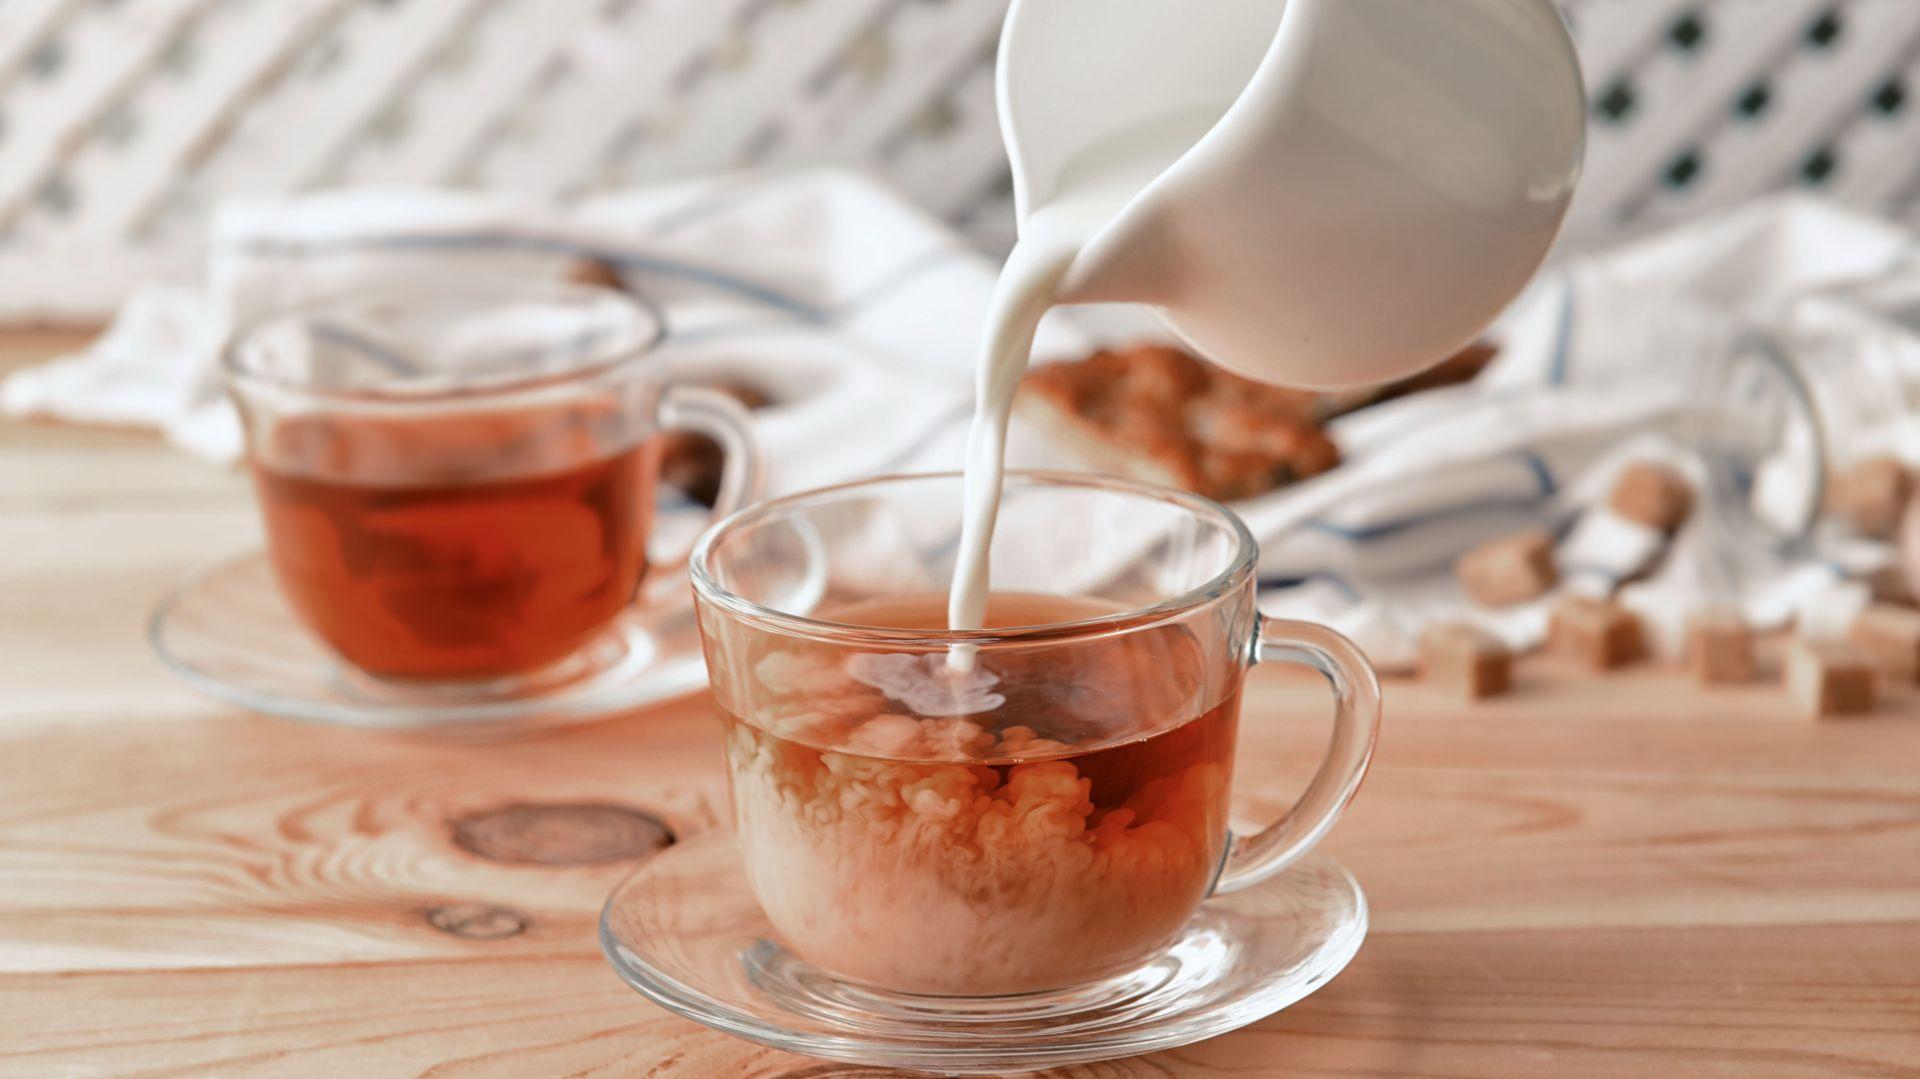 Dziś historyczna herbata z mlekiem prezentuje swoje zupełnie nowe oblicze. Na Zachodzie zaczyna zastępować popularną caffè latte, stanowiąc łagodniejszą w smaku wersję ulubionego, mlecznego naparu. Fot. English Tea Shop Polska